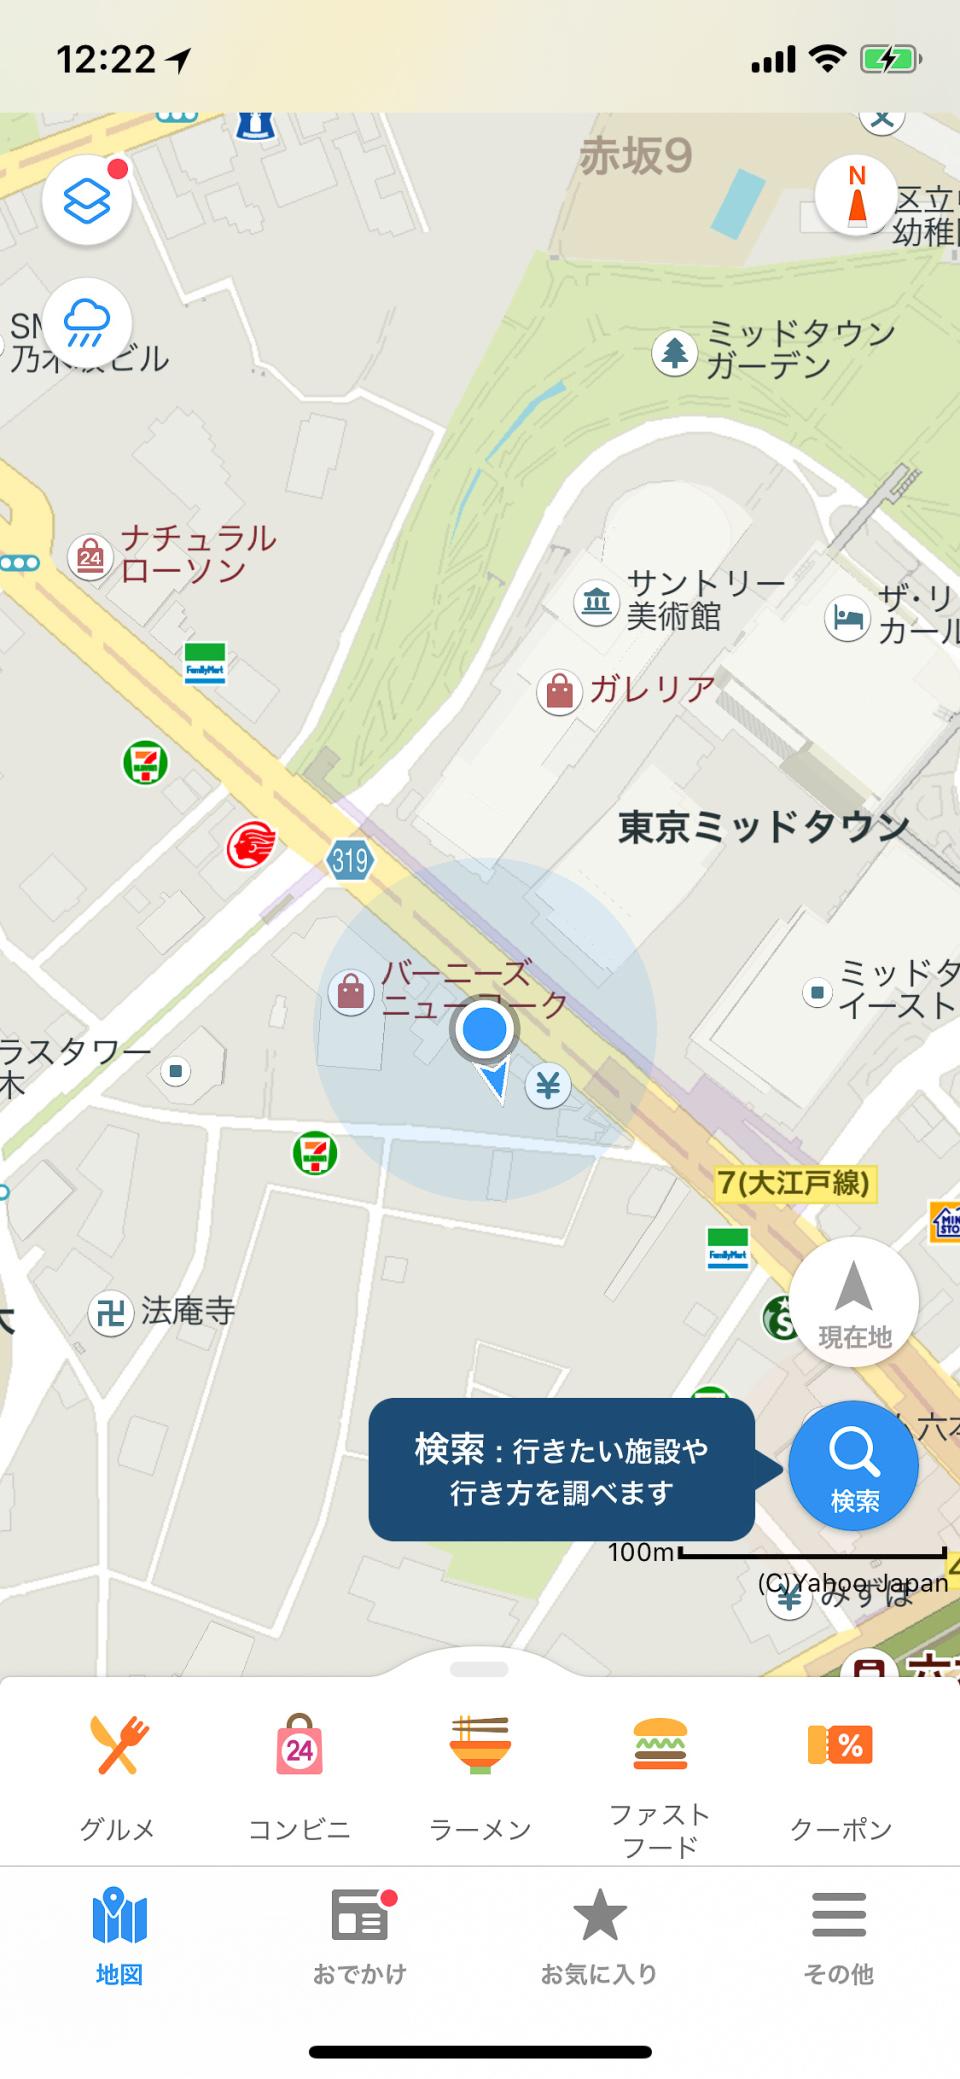 西田宗千佳のトレンドノート:iPhone/iPadのARアプリは進化していた!使える・遊べるアプリ3本 6番目の画像